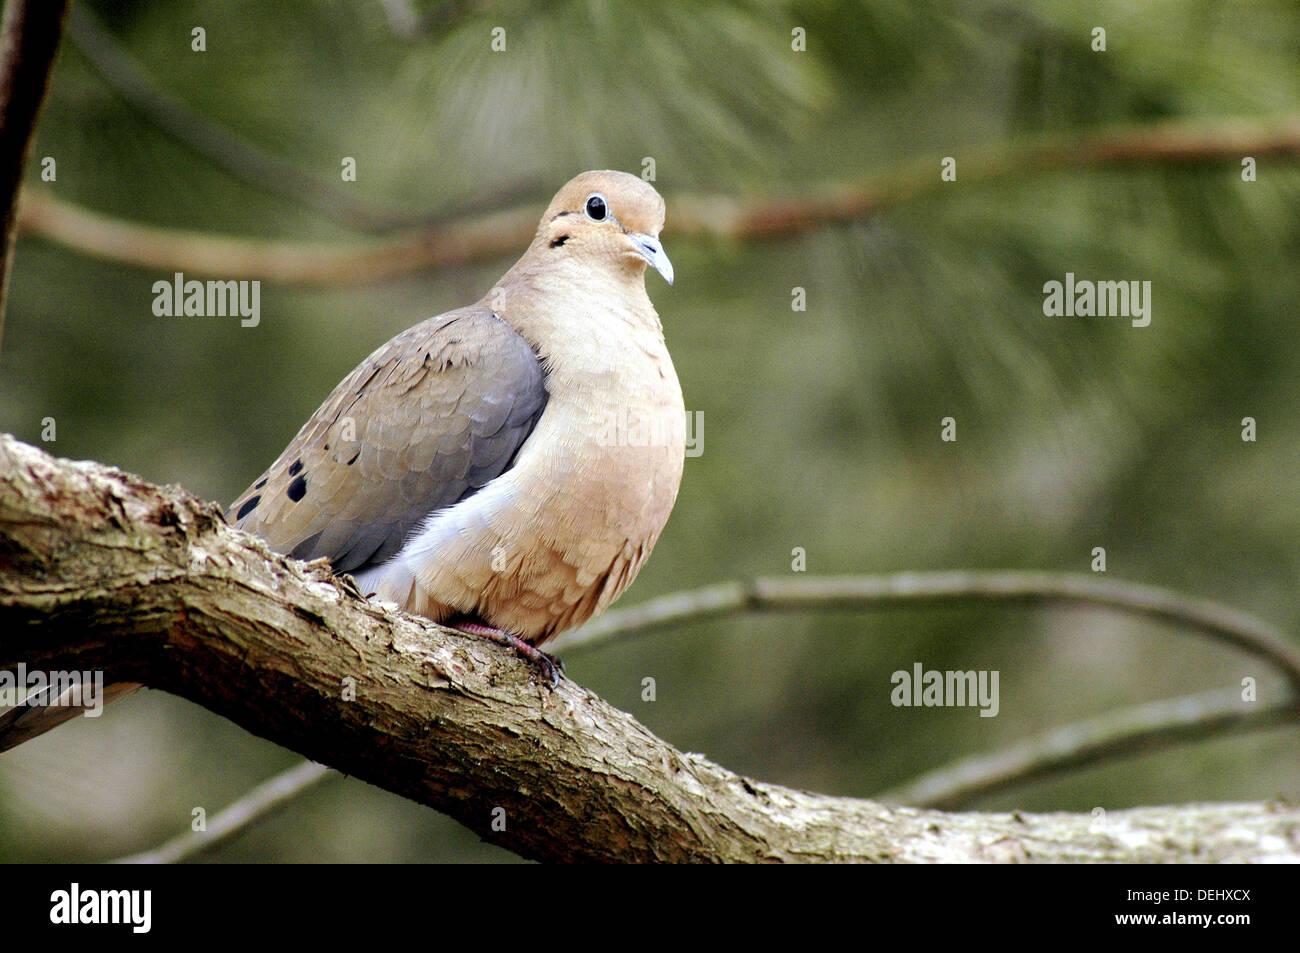 A plump mourning dove (Zenaida macroura) relaxes on a high branch, Pennsylvania, USA. - Stock Image